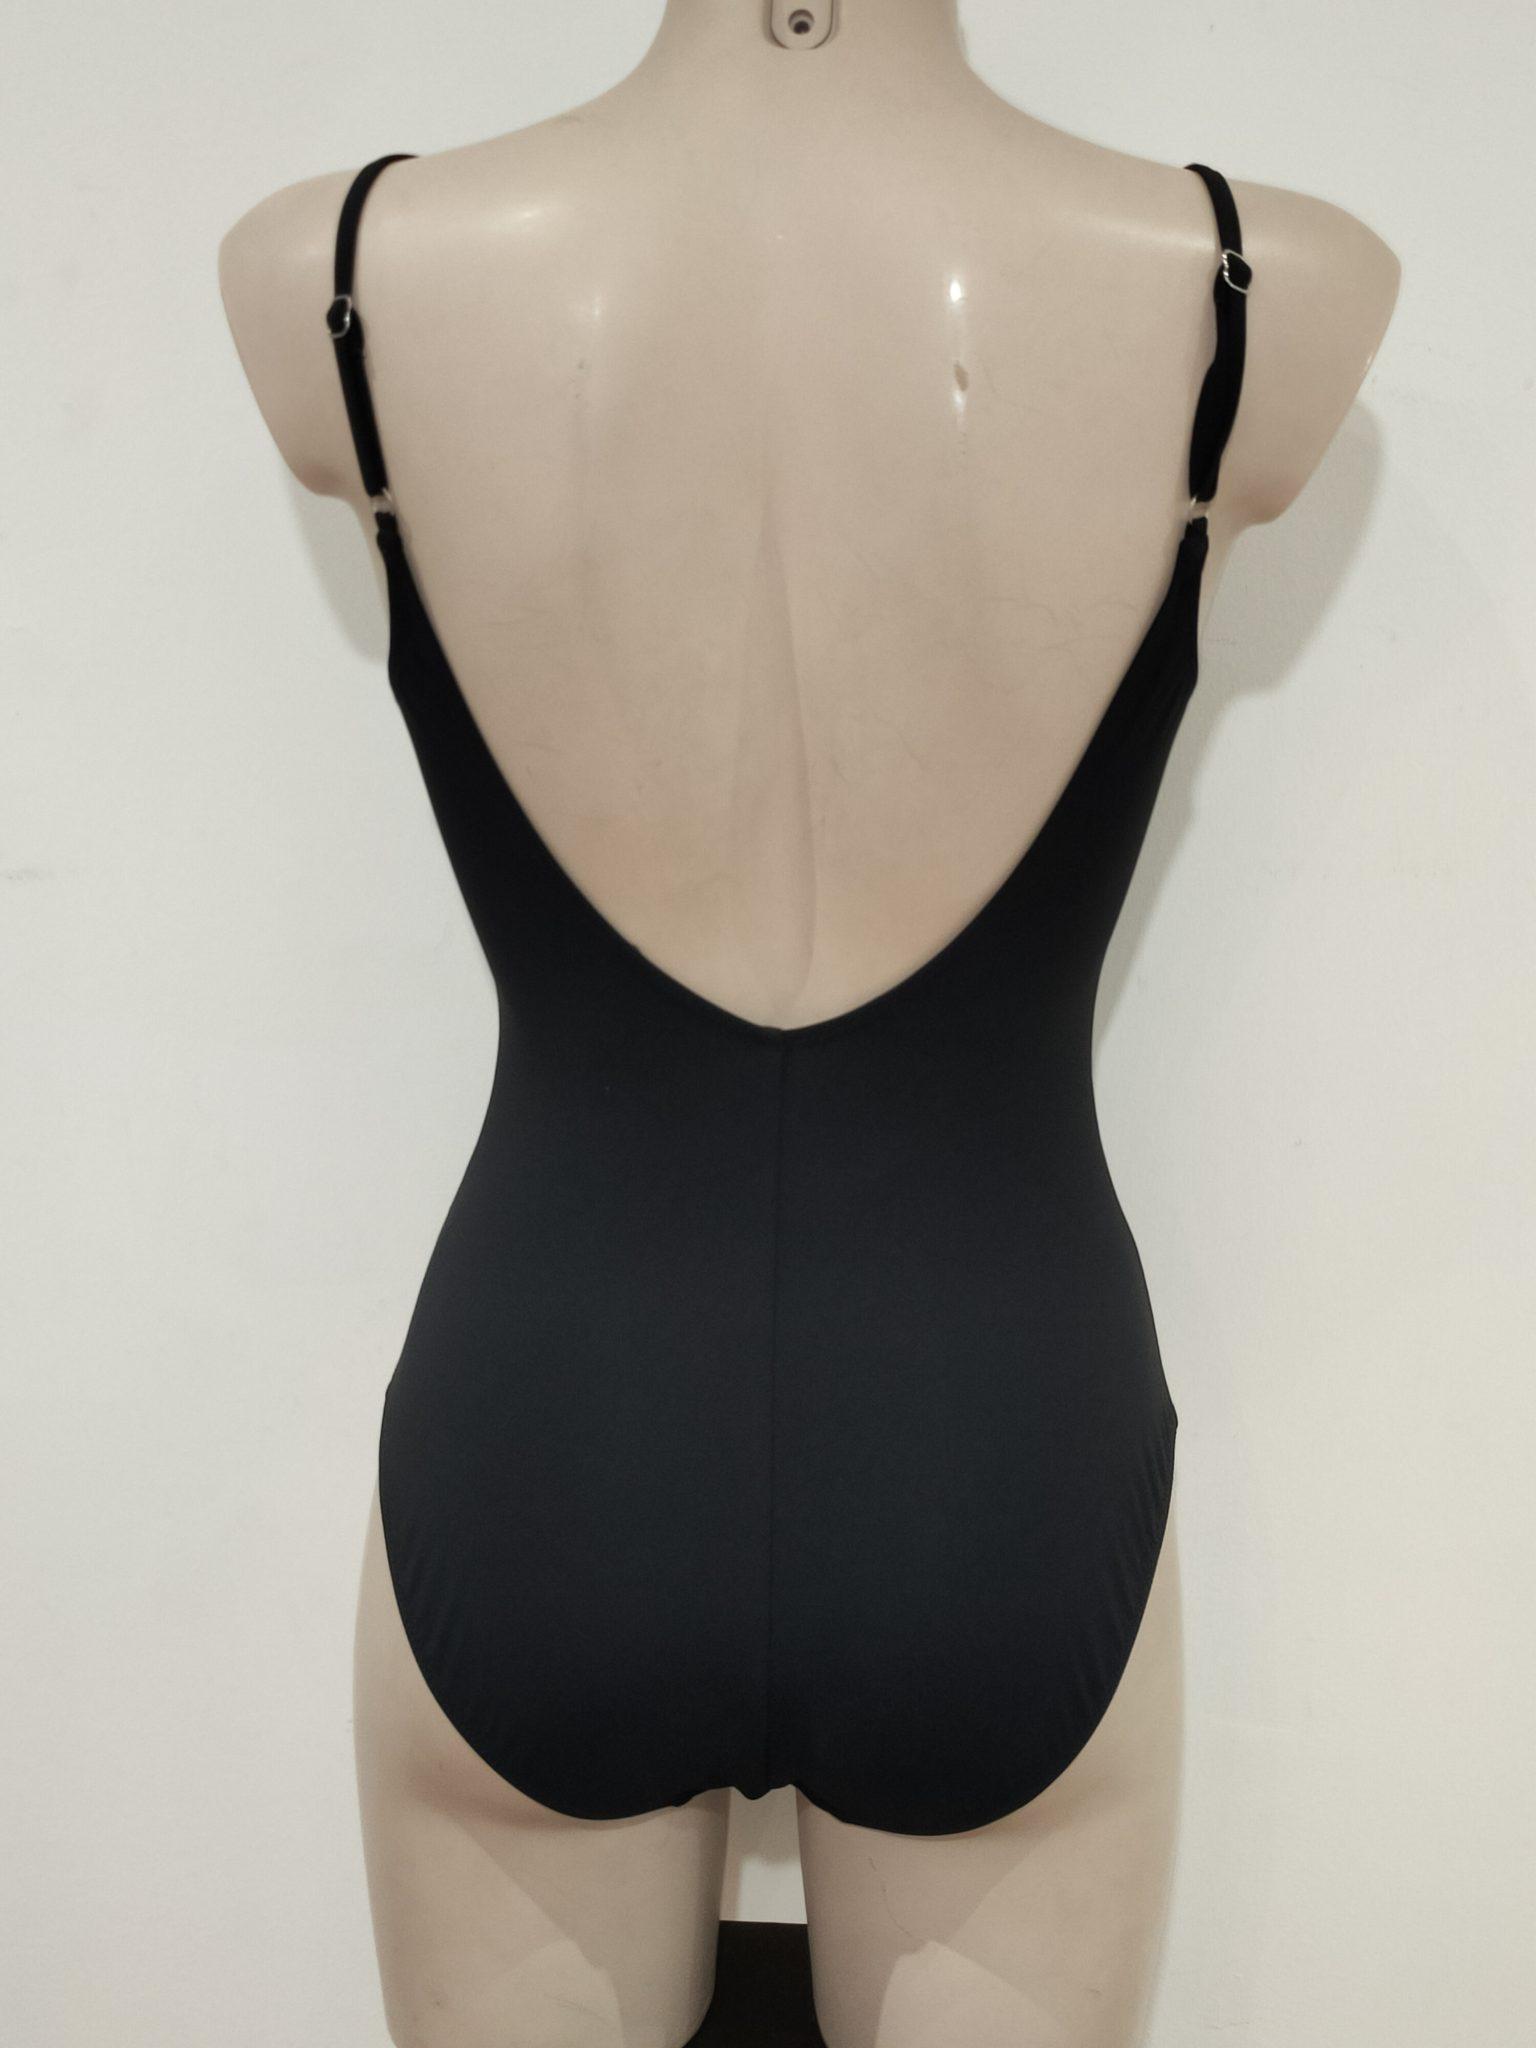 Promozione - costume olimpionico nero